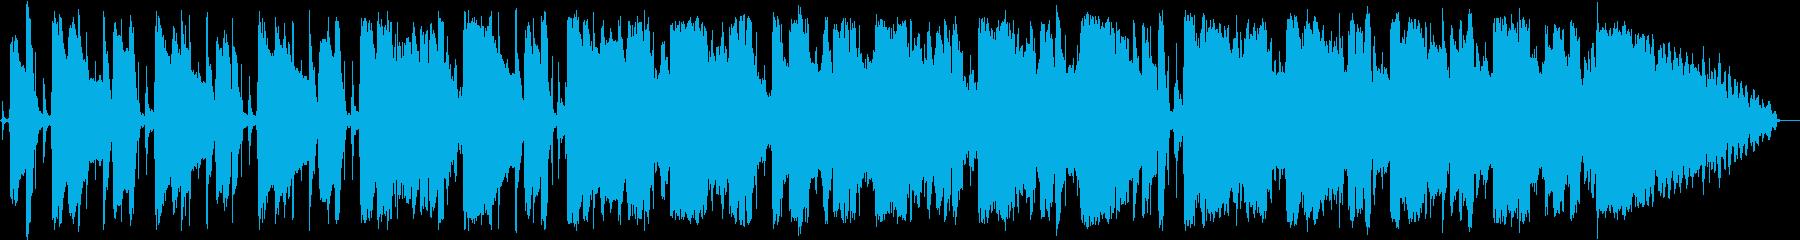 ロックブルースの短いインストの再生済みの波形